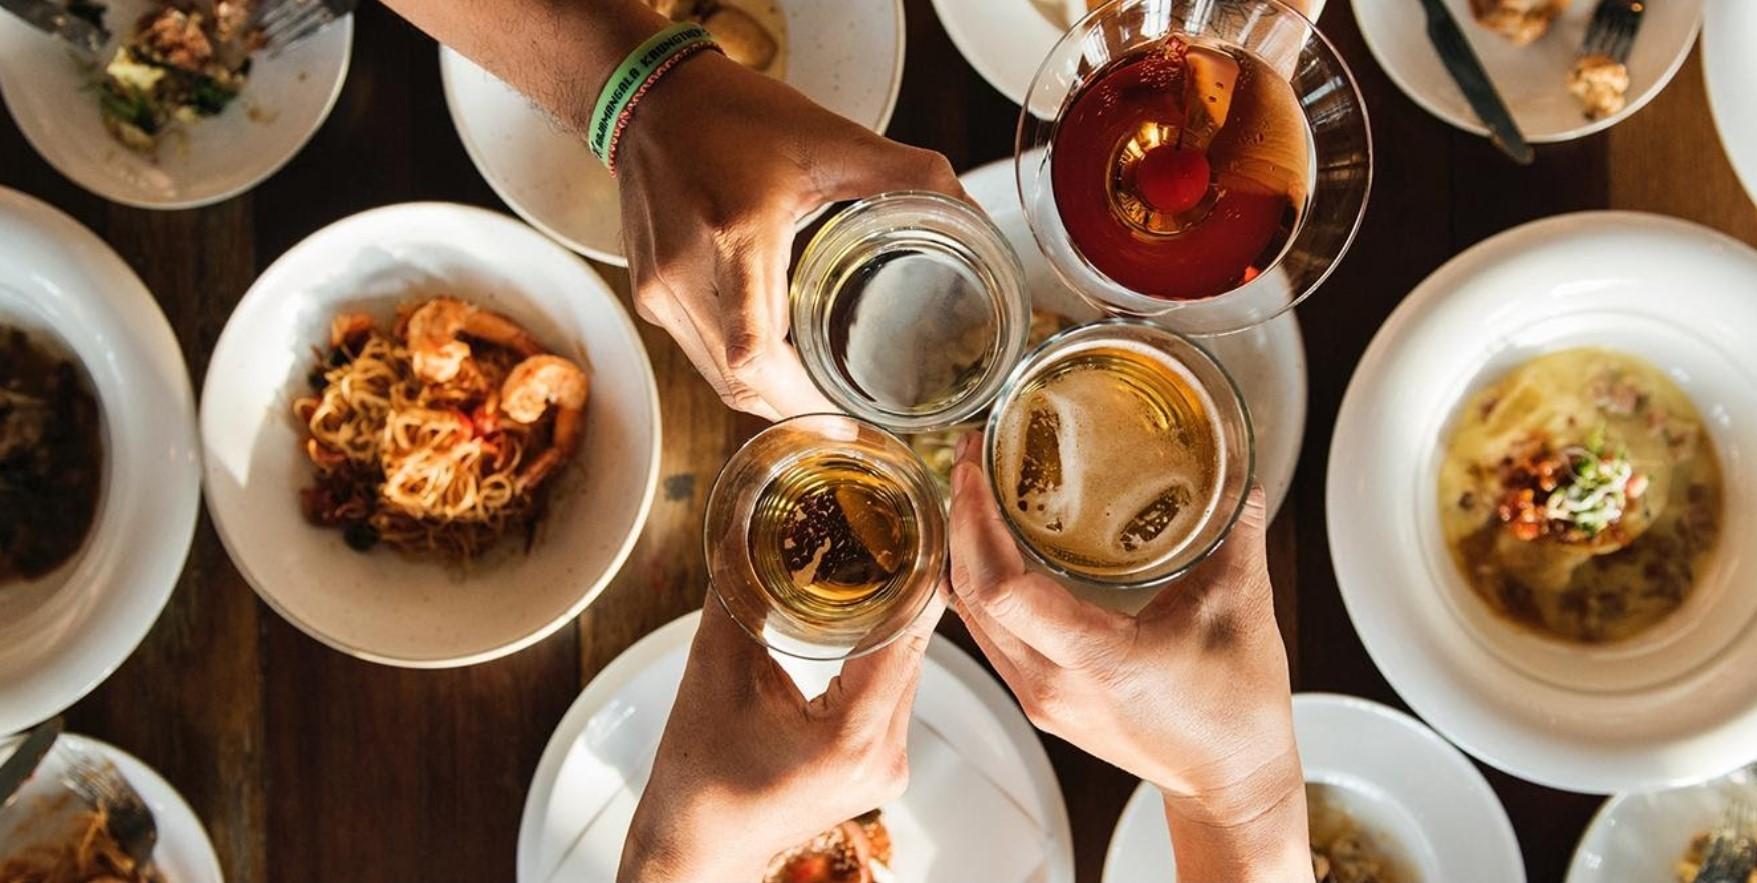 Opciones para celebrar las fiestas fuera de casa